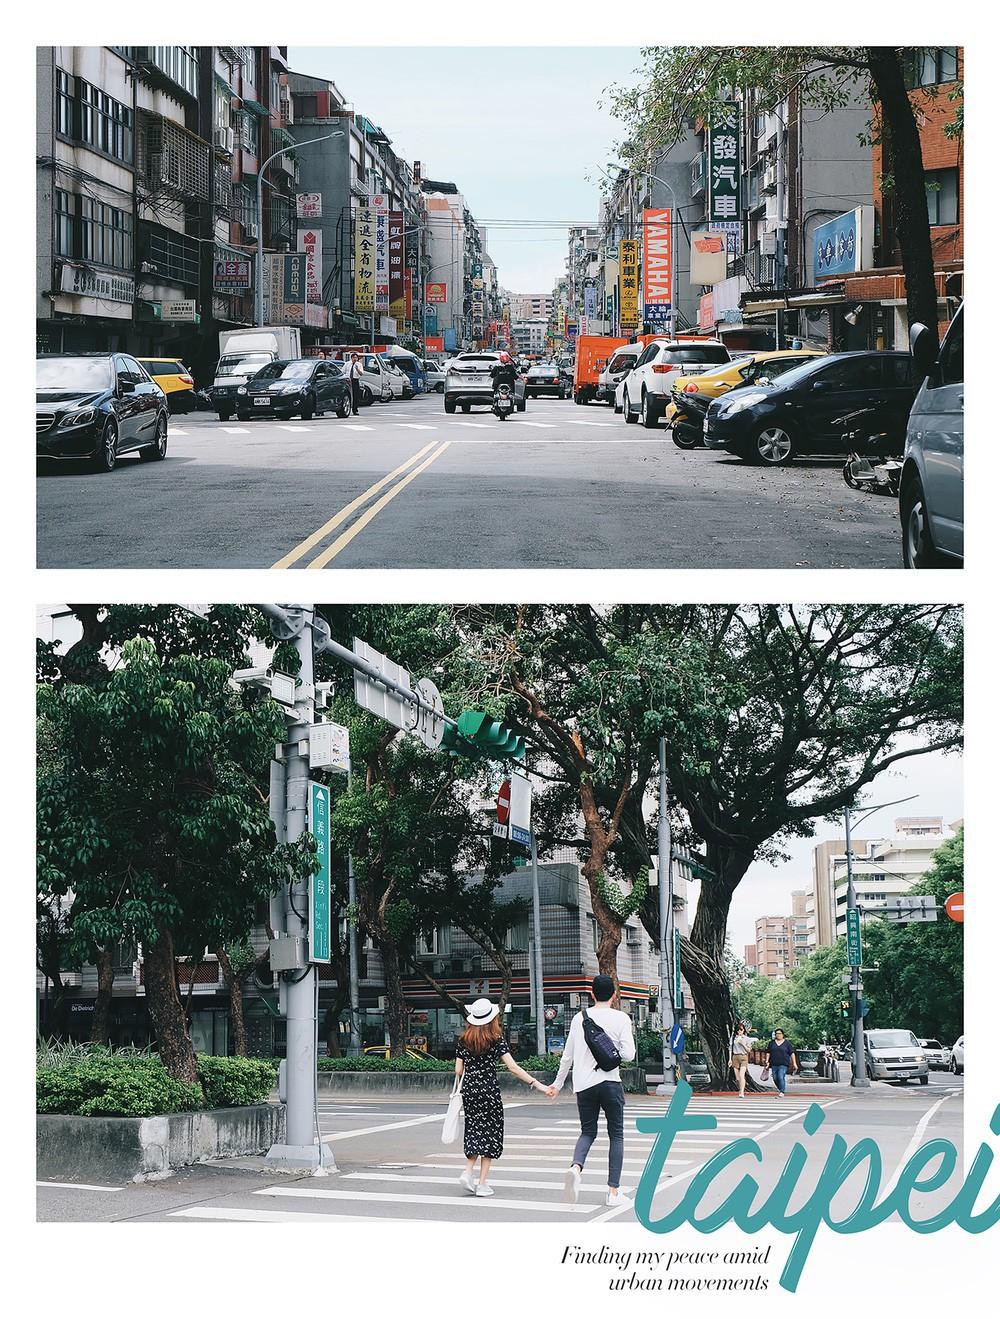 Đài Loan thắt chặt chính sách cấp visa đối với công dân Việt Nam: Dịch vụ làm visa thừa nhận khó khăn, nhiều người lo lắng - Ảnh 1.